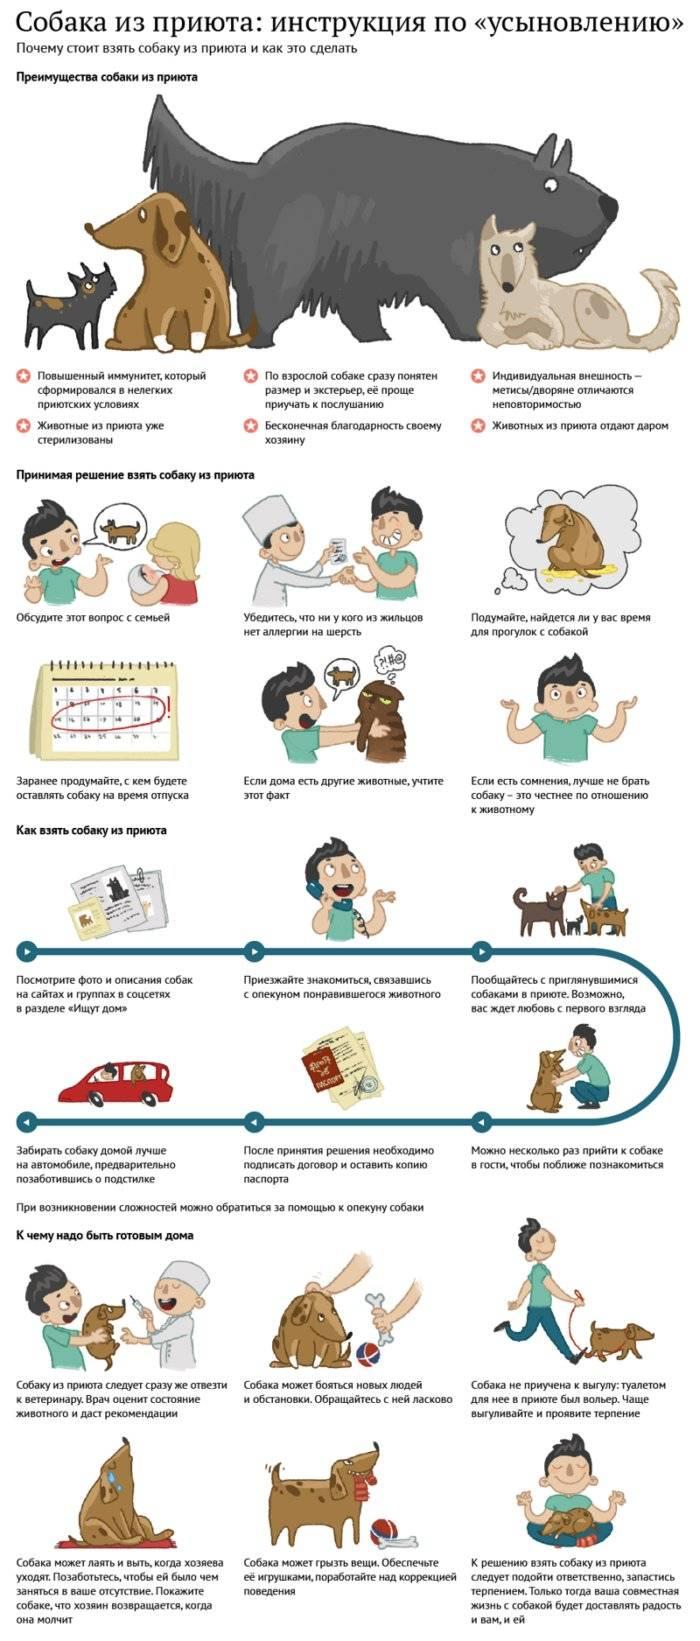 Как правильно ухаживать за собакой в домашних условиях